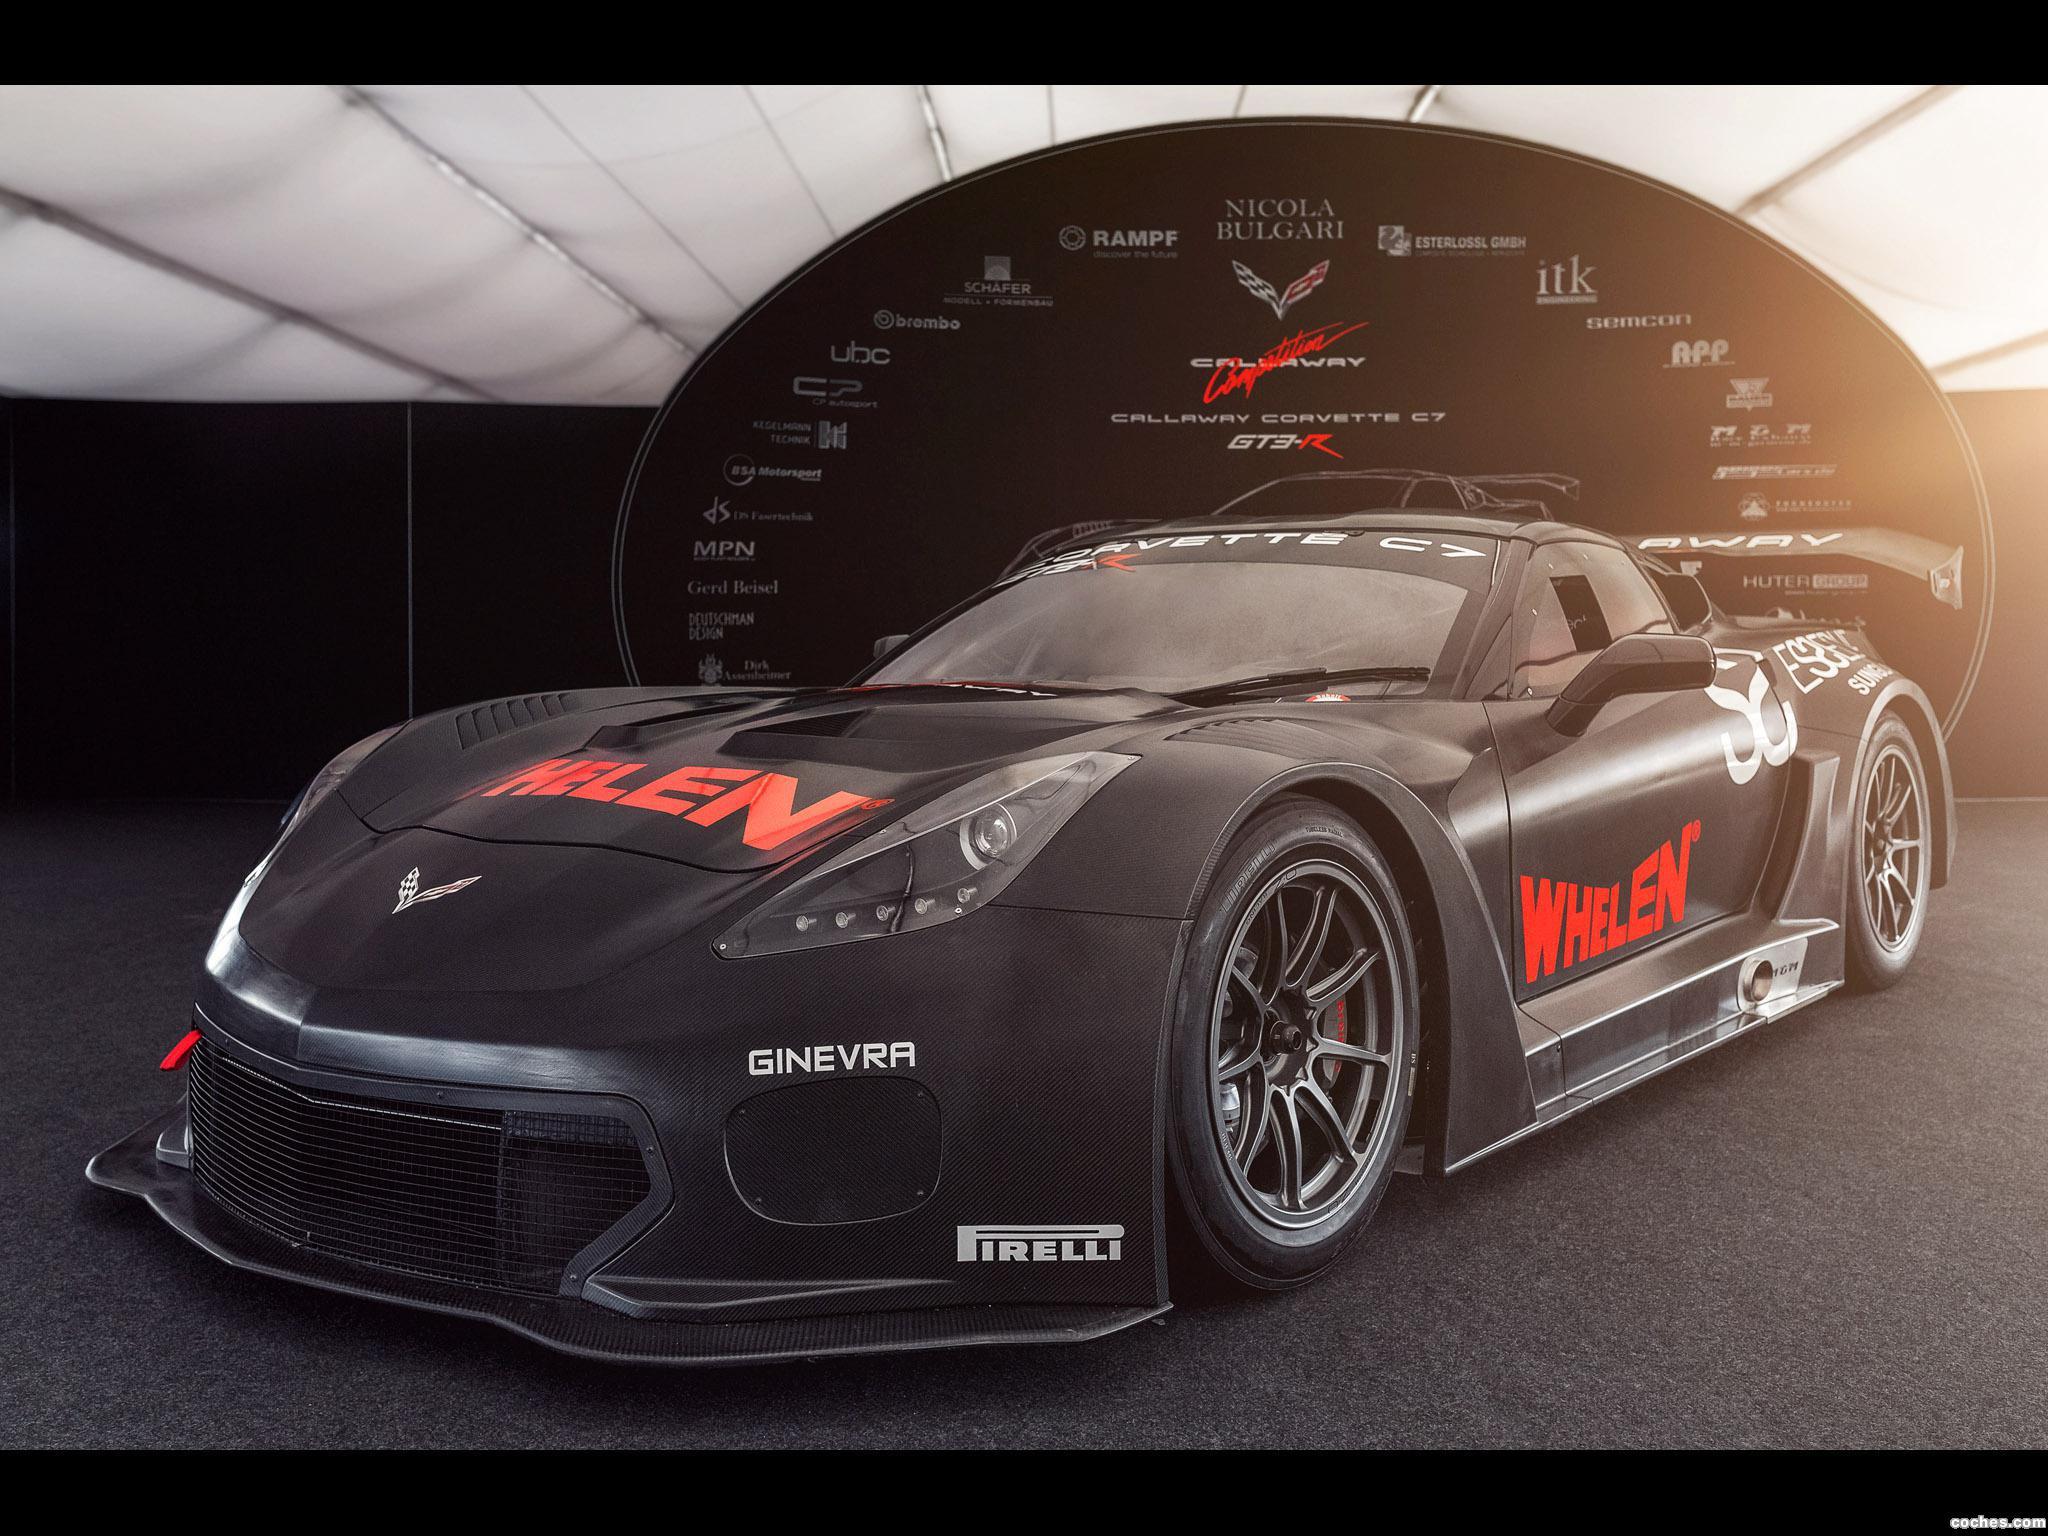 Foto 10 de Callaway Corvette C7 GT3 2015